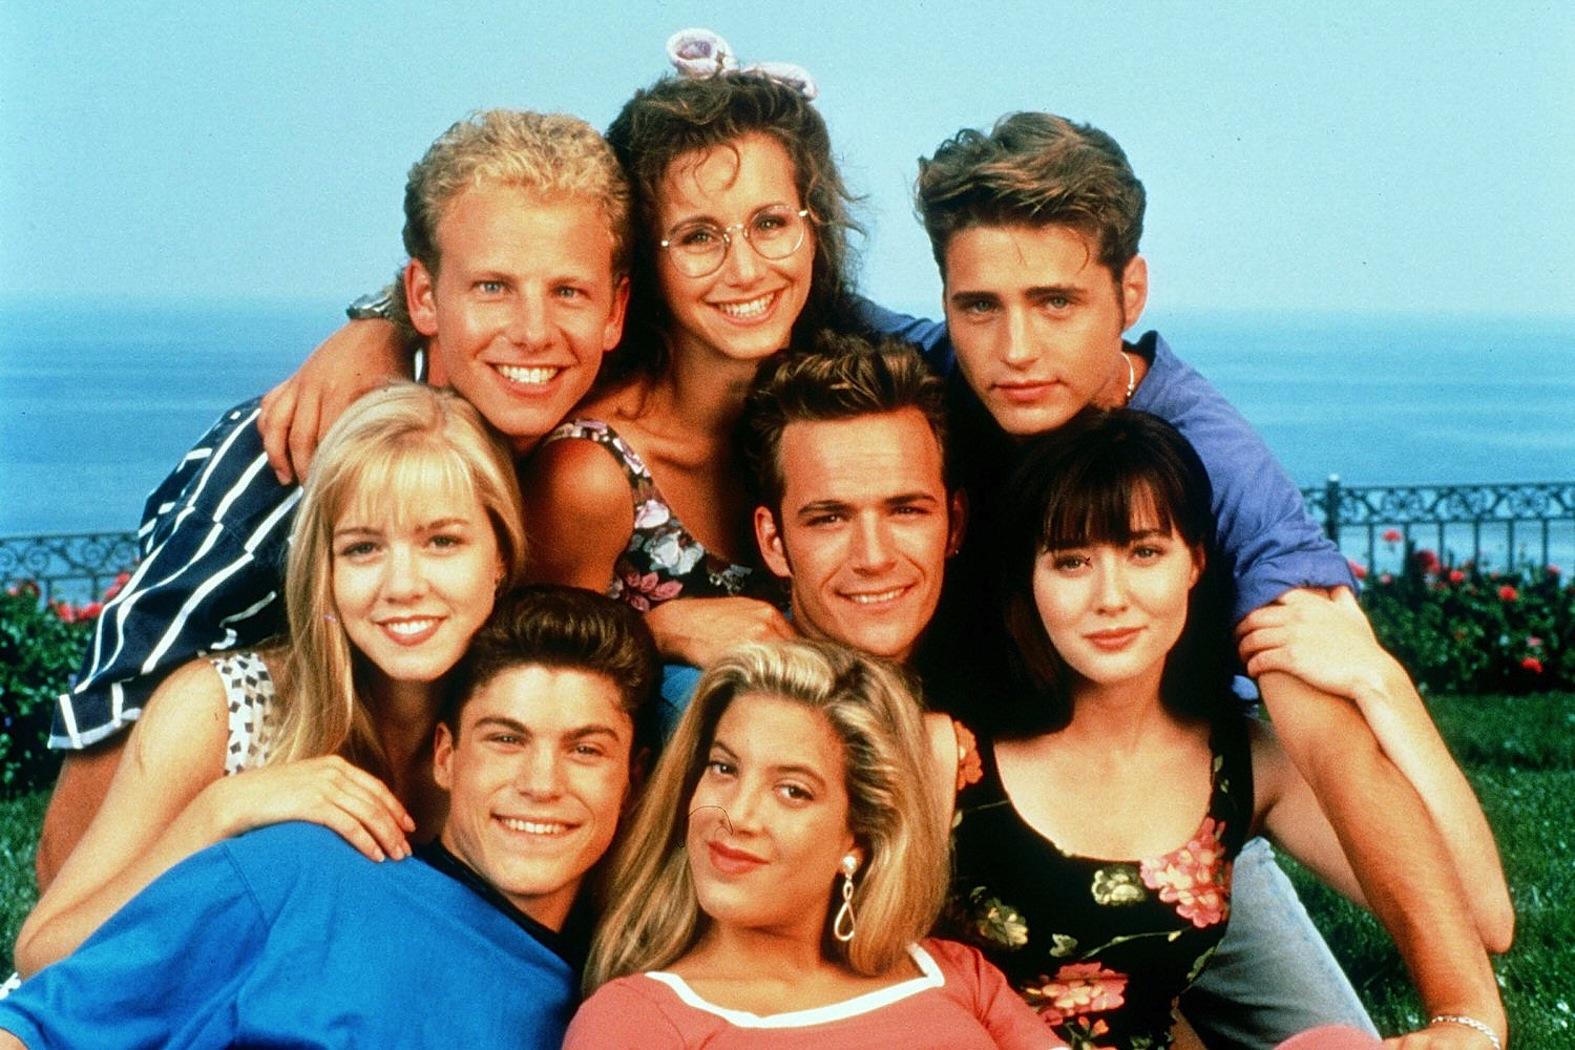 Beverly-Hills-90210-Serie-televisiva-anni-90